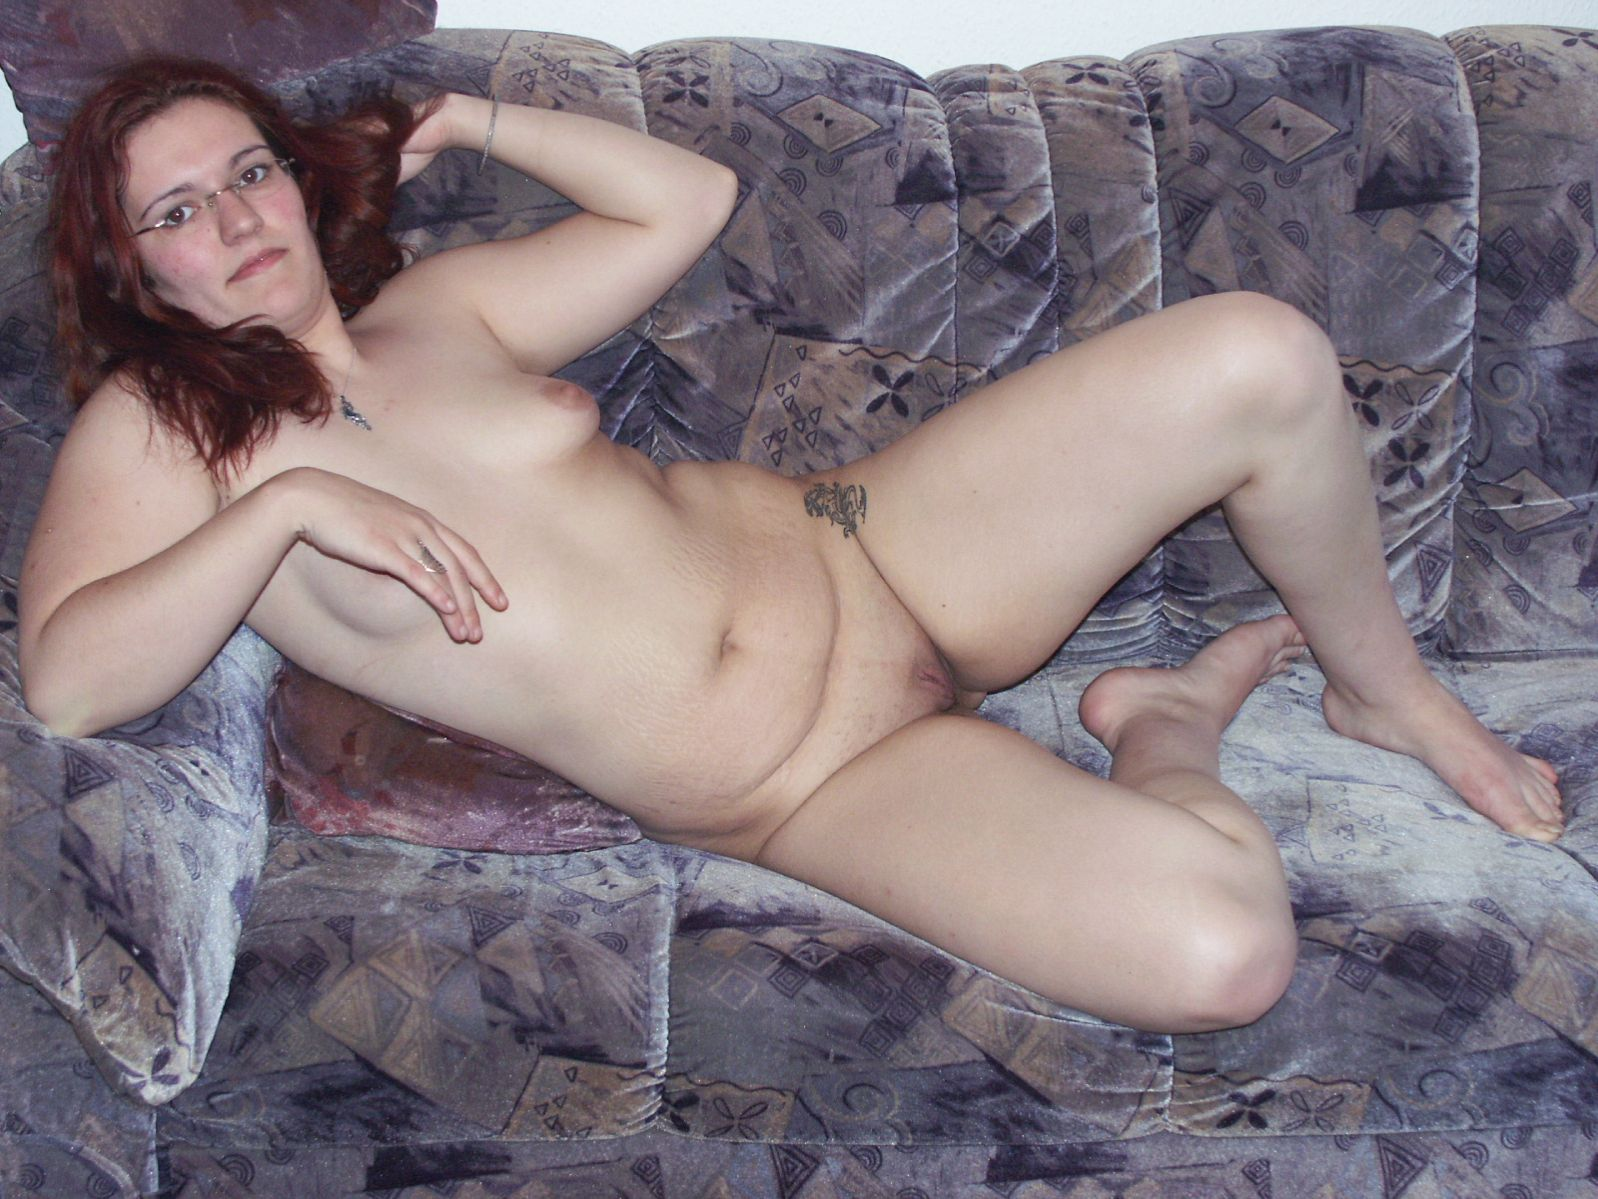 passende Sexinserate finden um sich privat zum Sex zu treffen